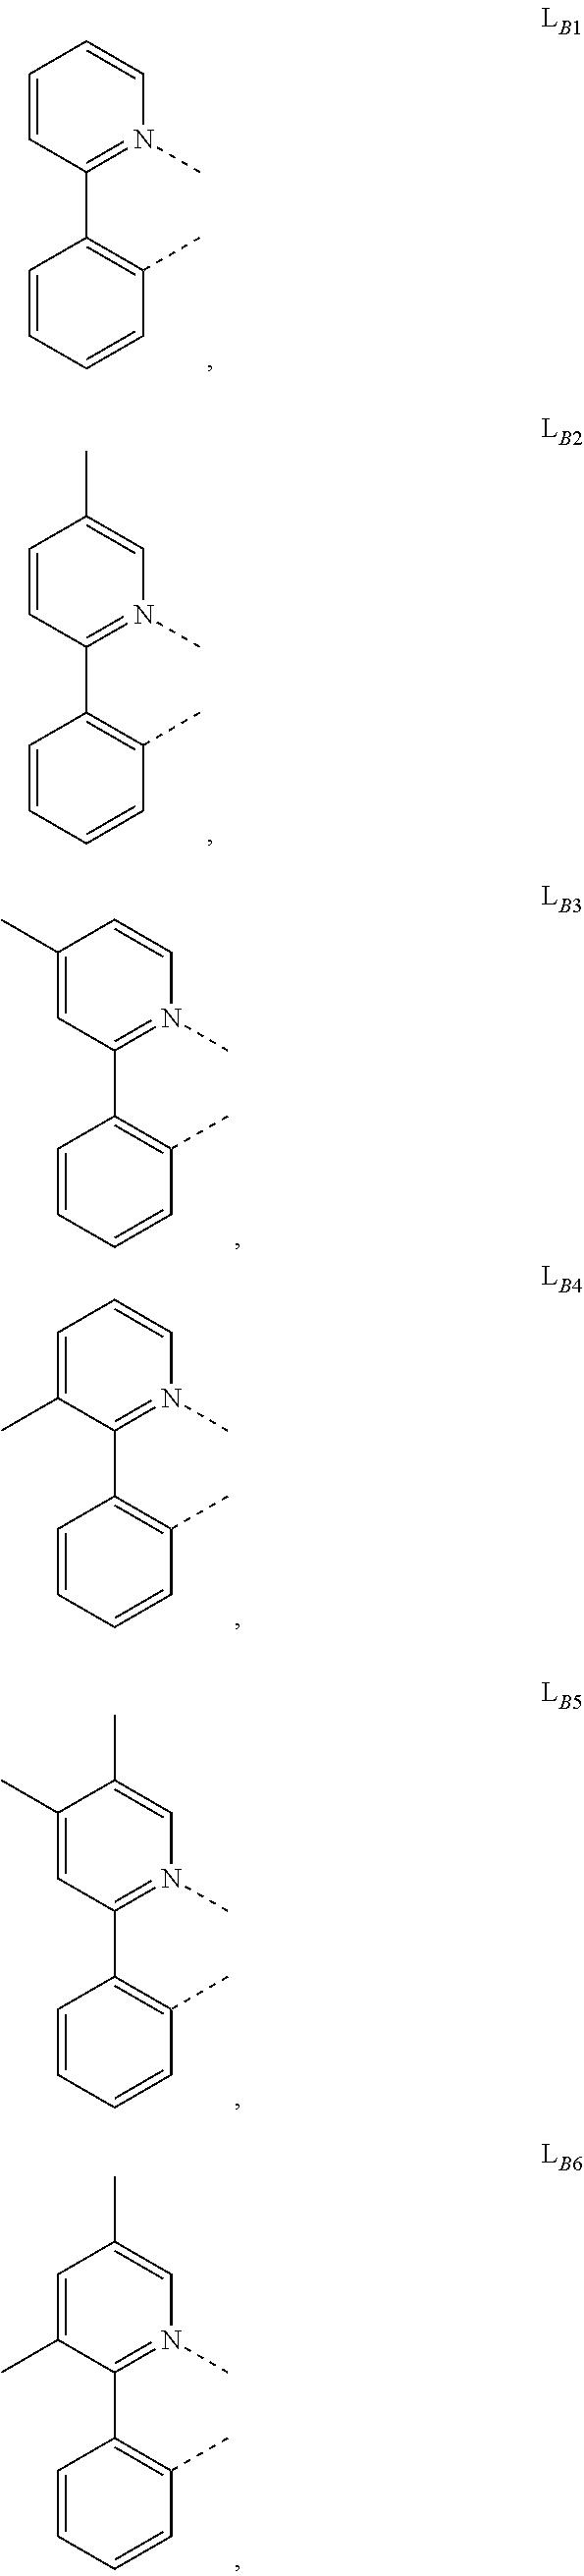 Figure US20160049599A1-20160218-C00497